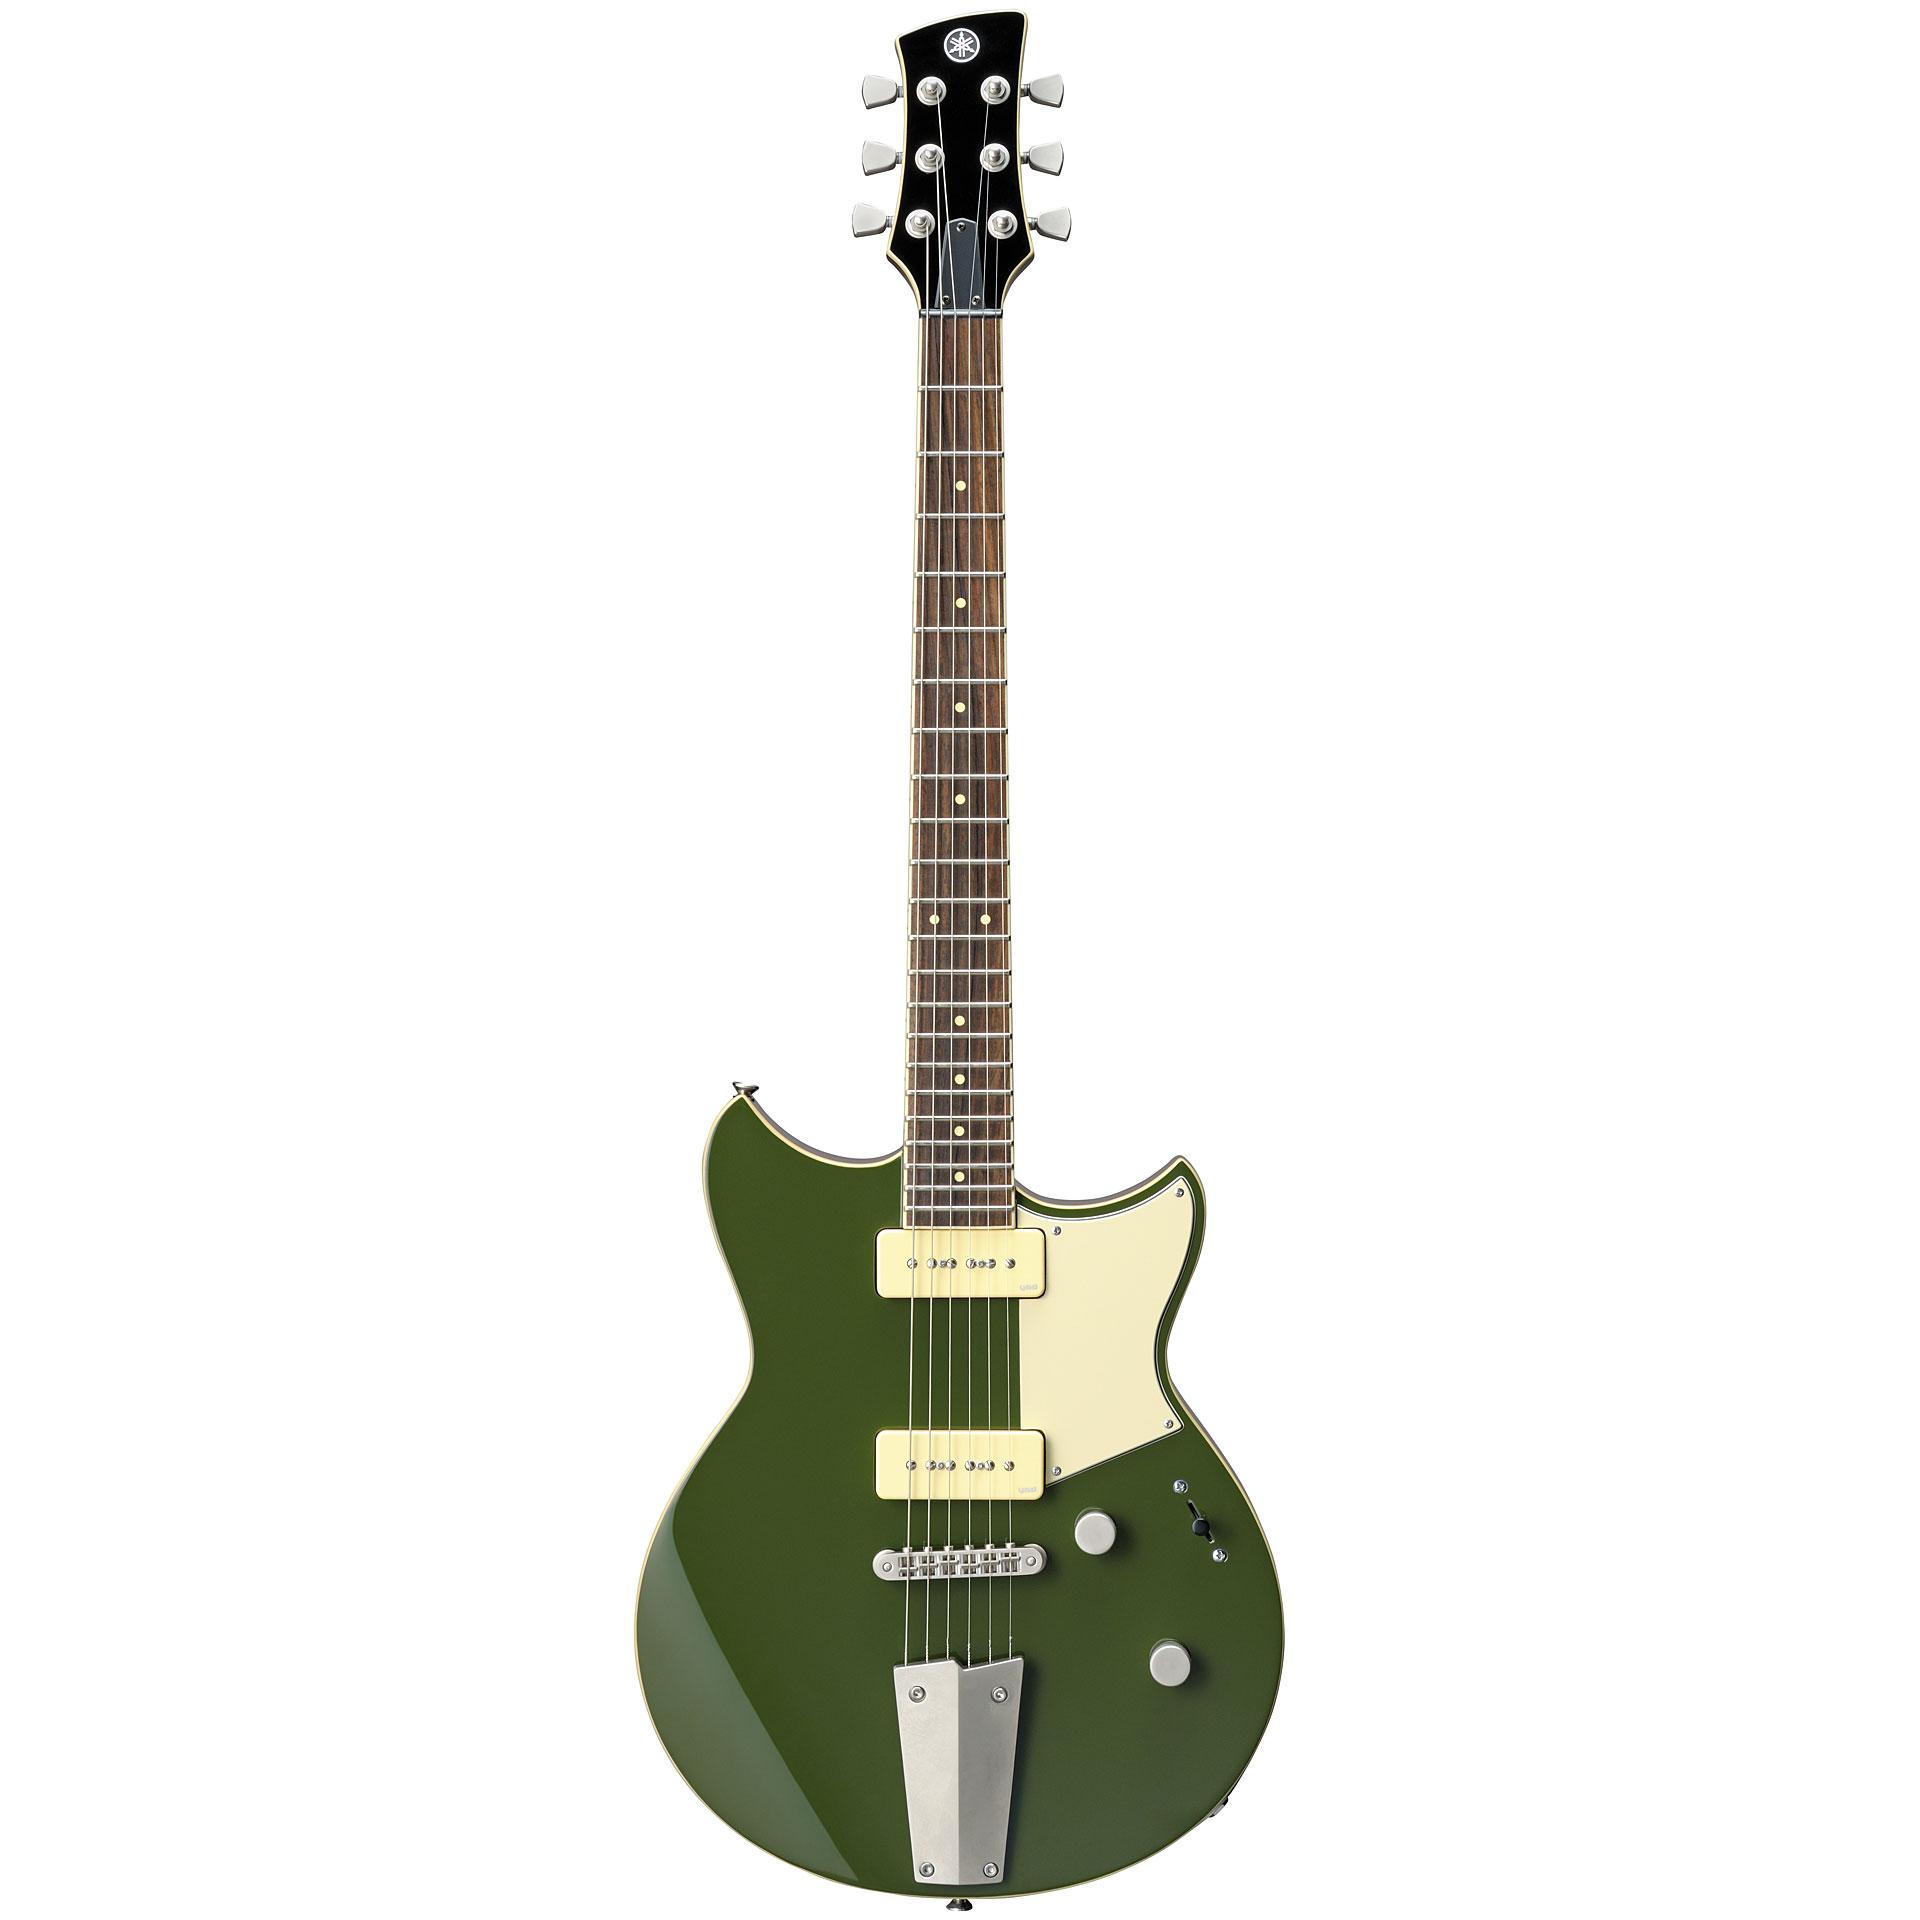 yamaha revstar rs502t bgr electric guitar